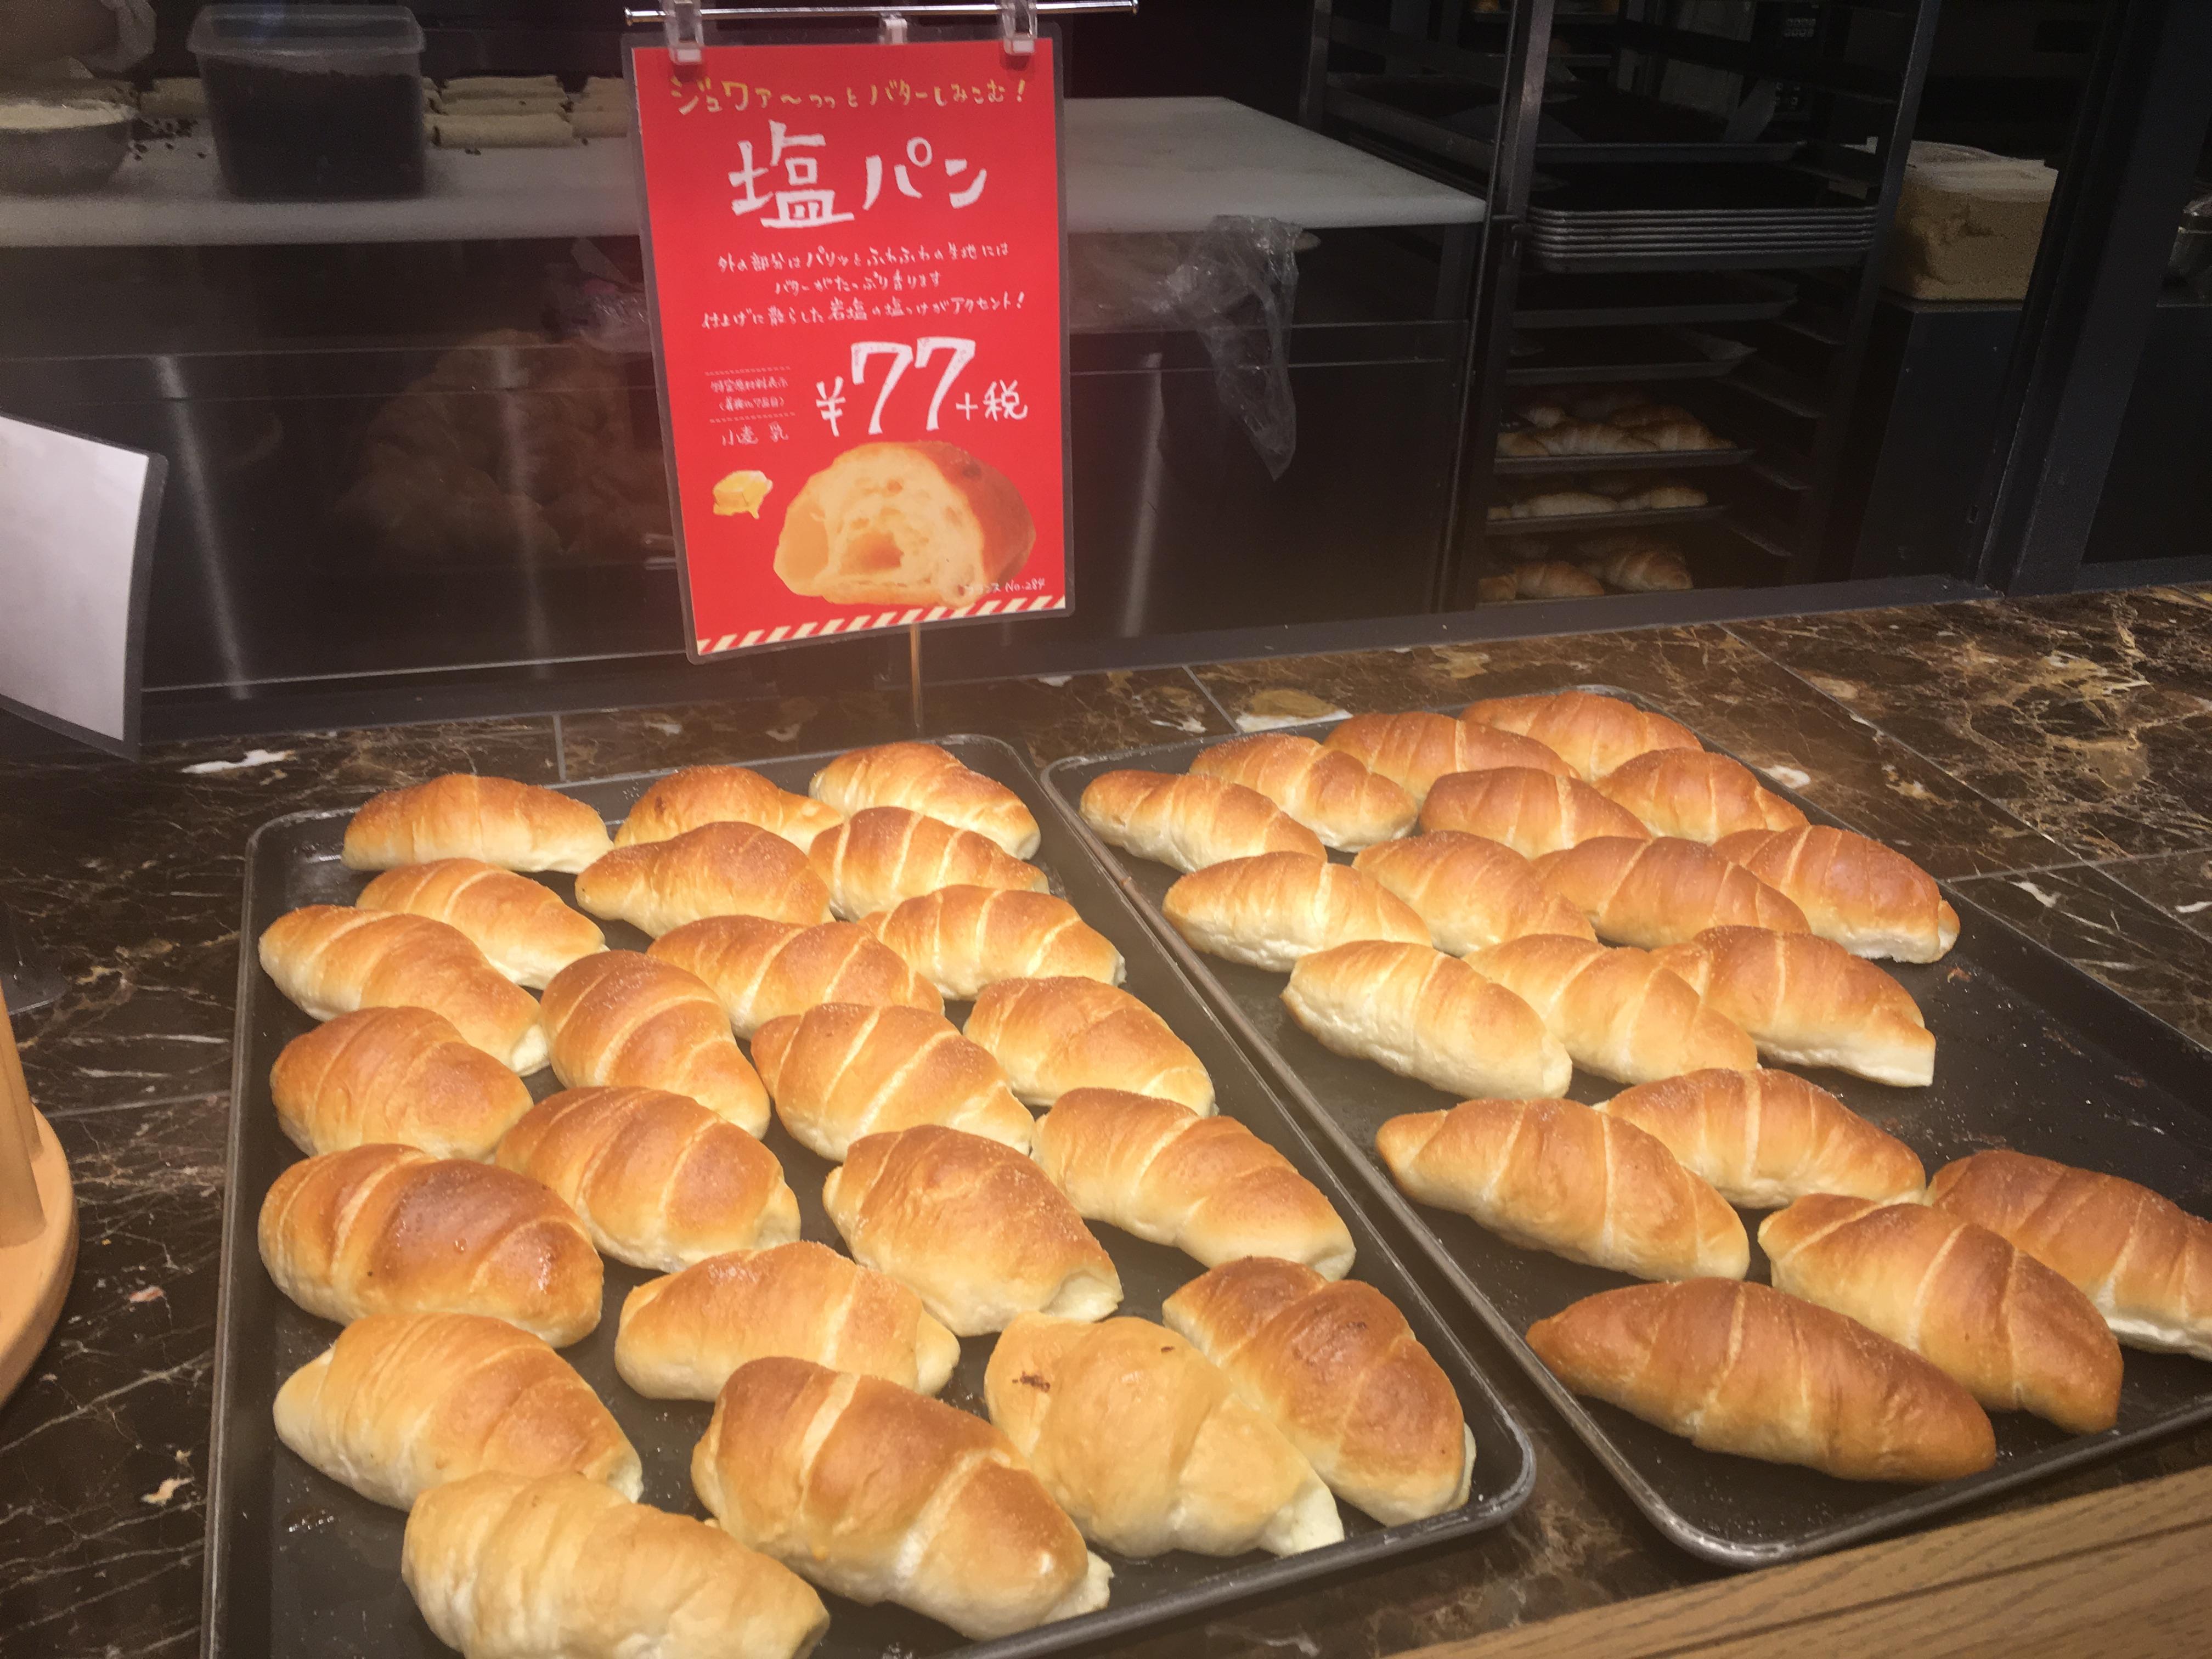 ハマる!1個77円、味よし!コスパよし!なパン!!